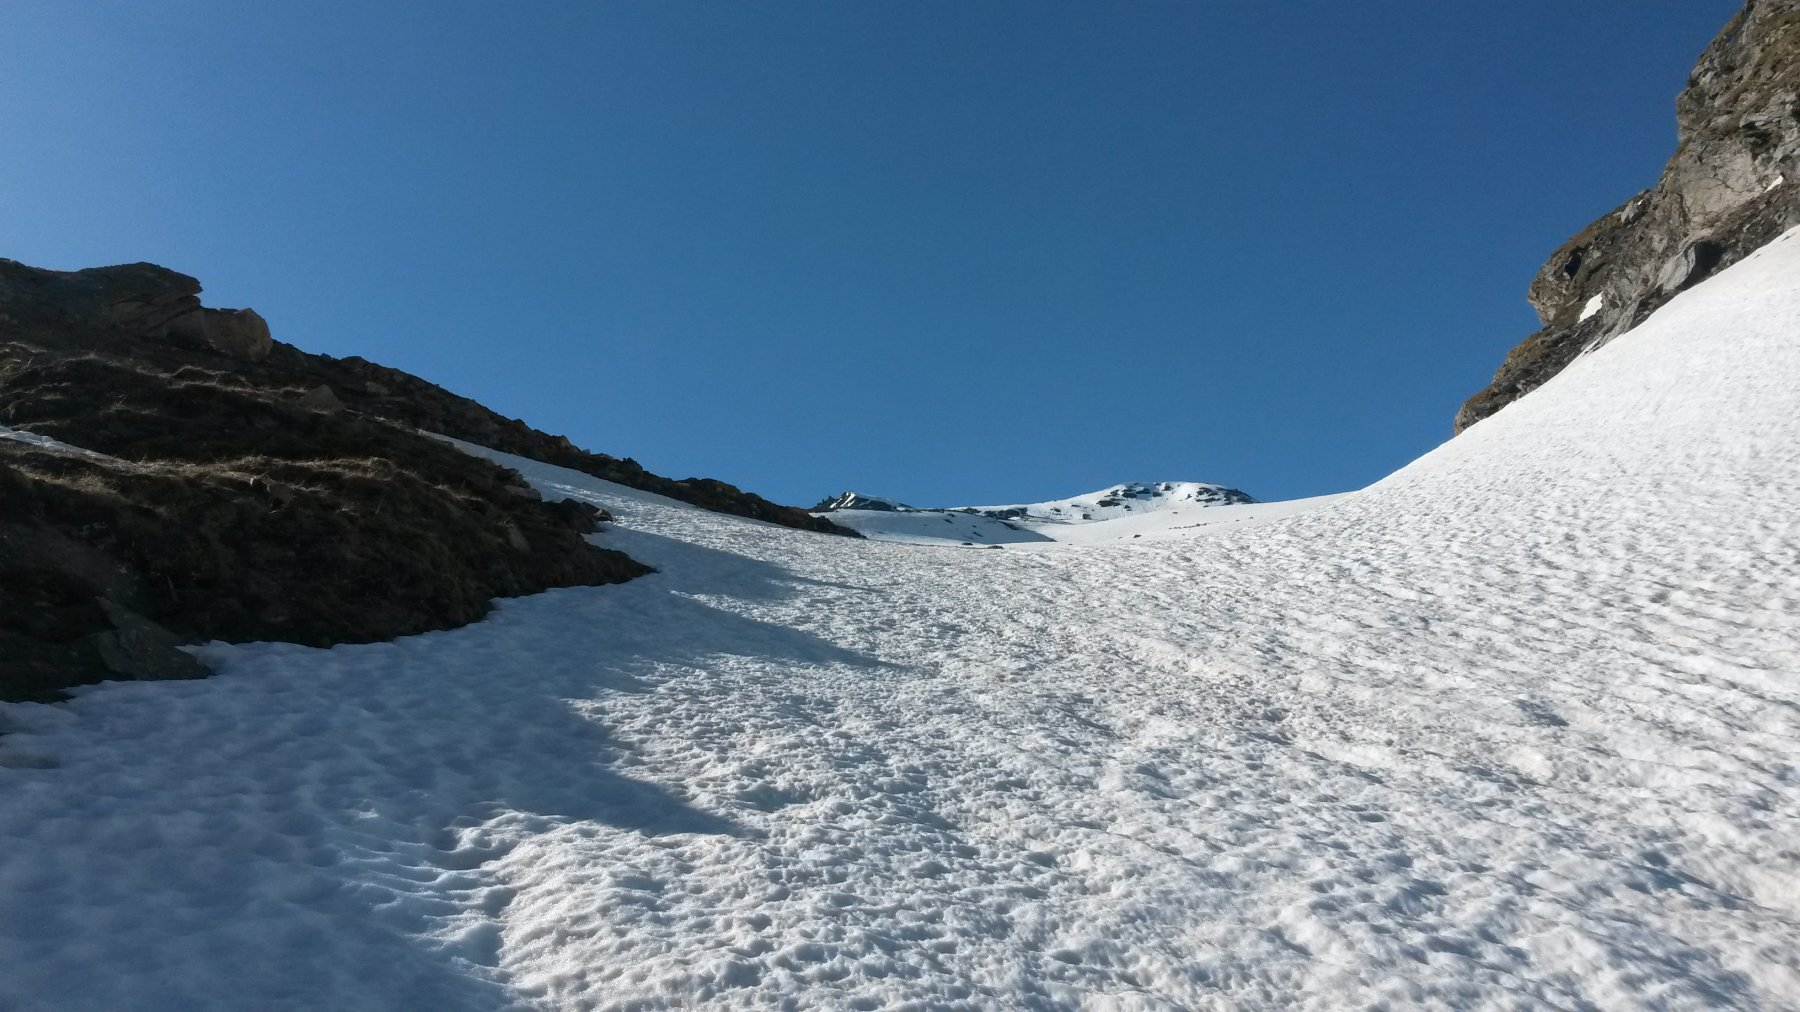 Inizio del vallone della Vaudaletta (e della neve continua) a quota 2580m